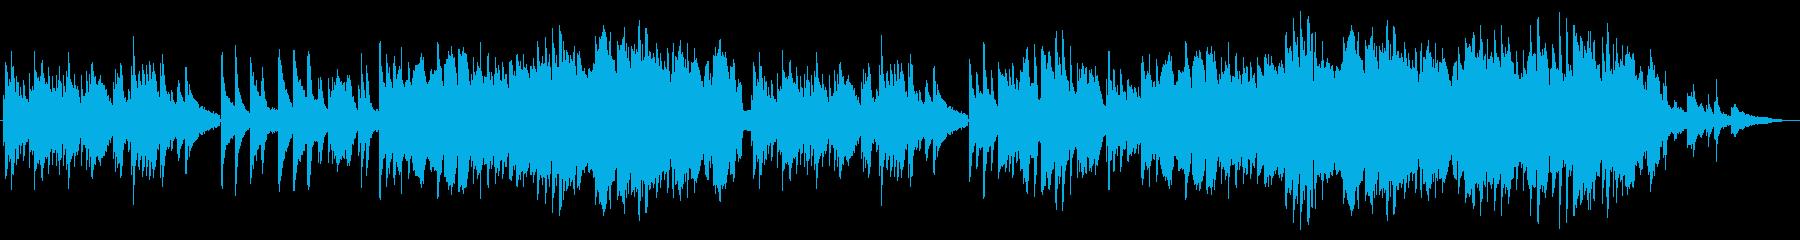 動画 センチメンタル 感情的 クー...の再生済みの波形